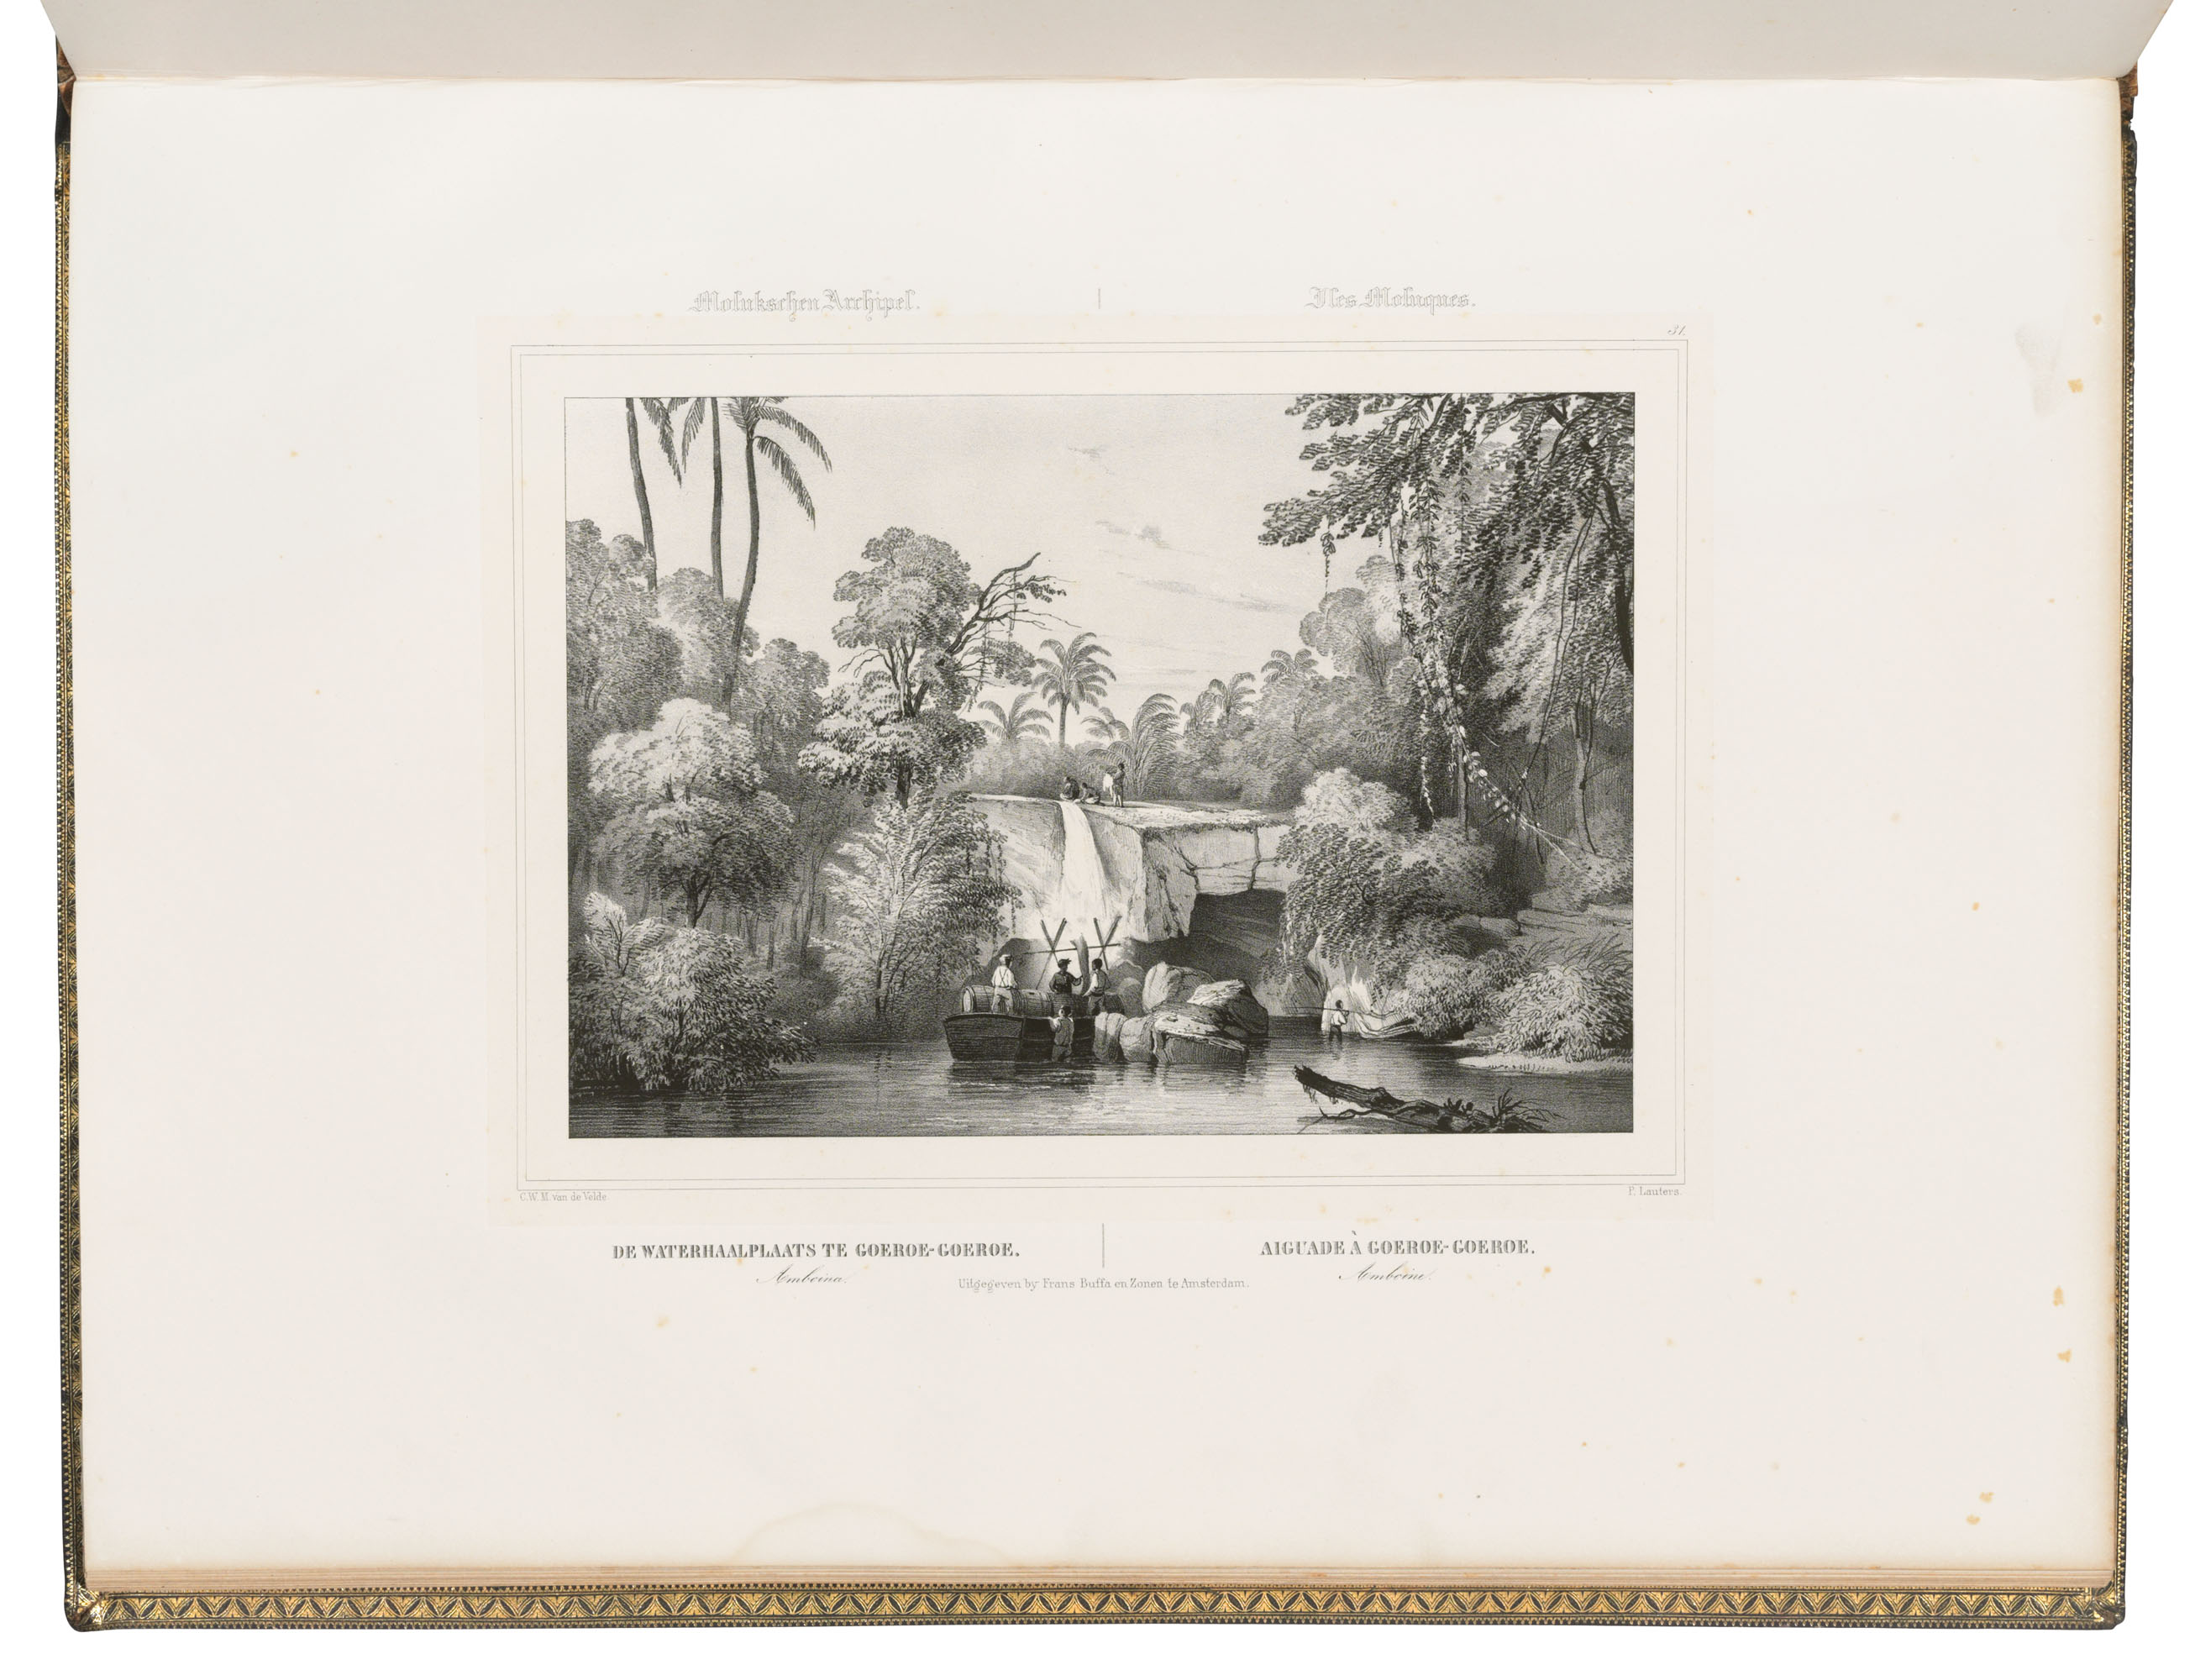 Charles William Meredith van de Welde (1818-1898)